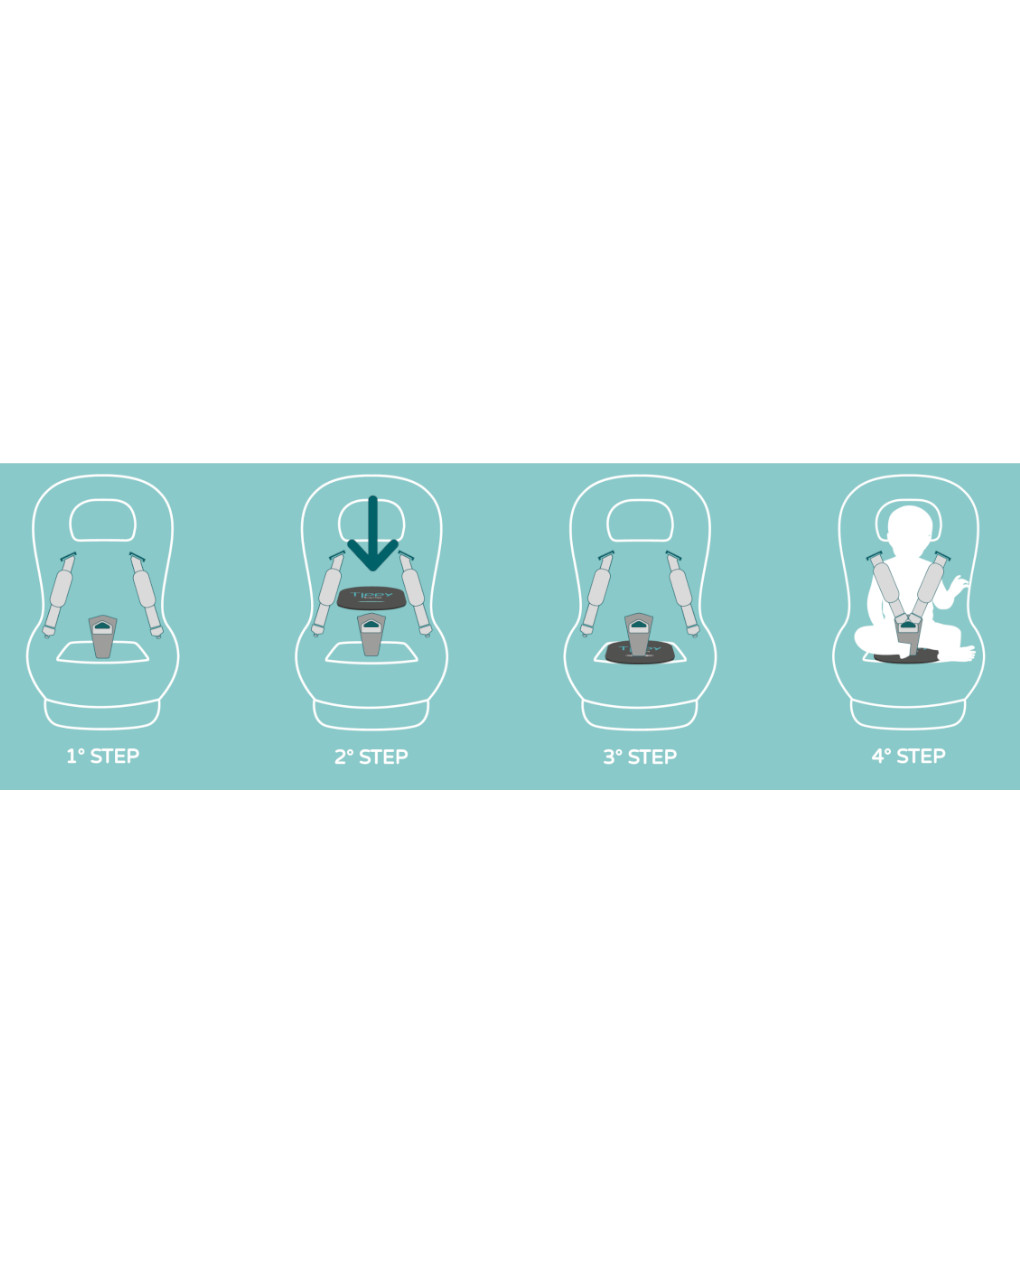 Sistema di sicurezza per auto tippy smart pad - Tippy